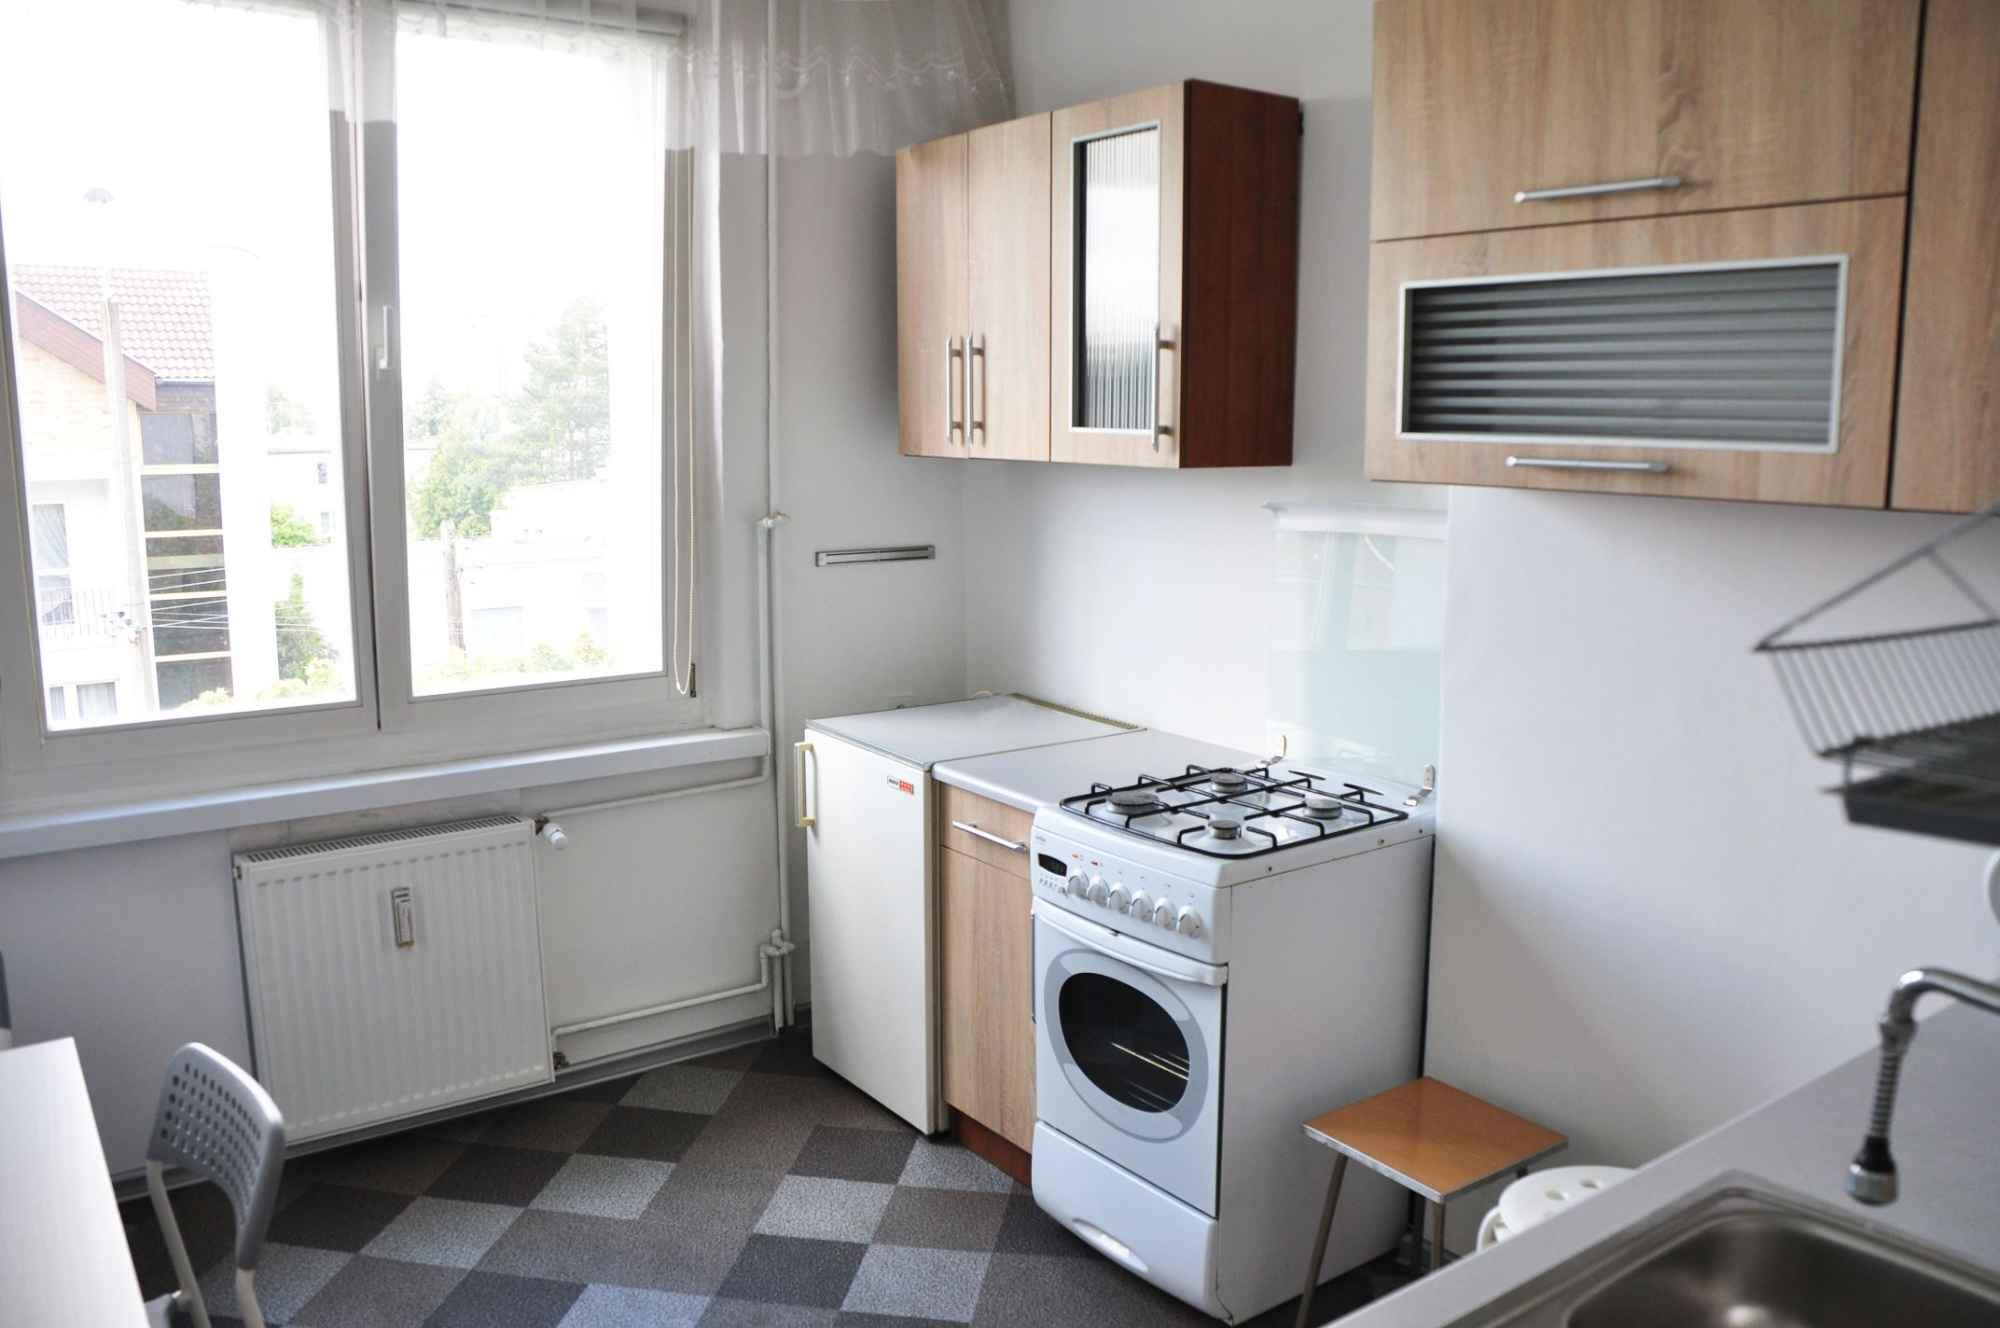 Mieszkanie Poznań Grunwald - ciche miejsce, dobra komunikacja. Grunwald - zdjęcie 6